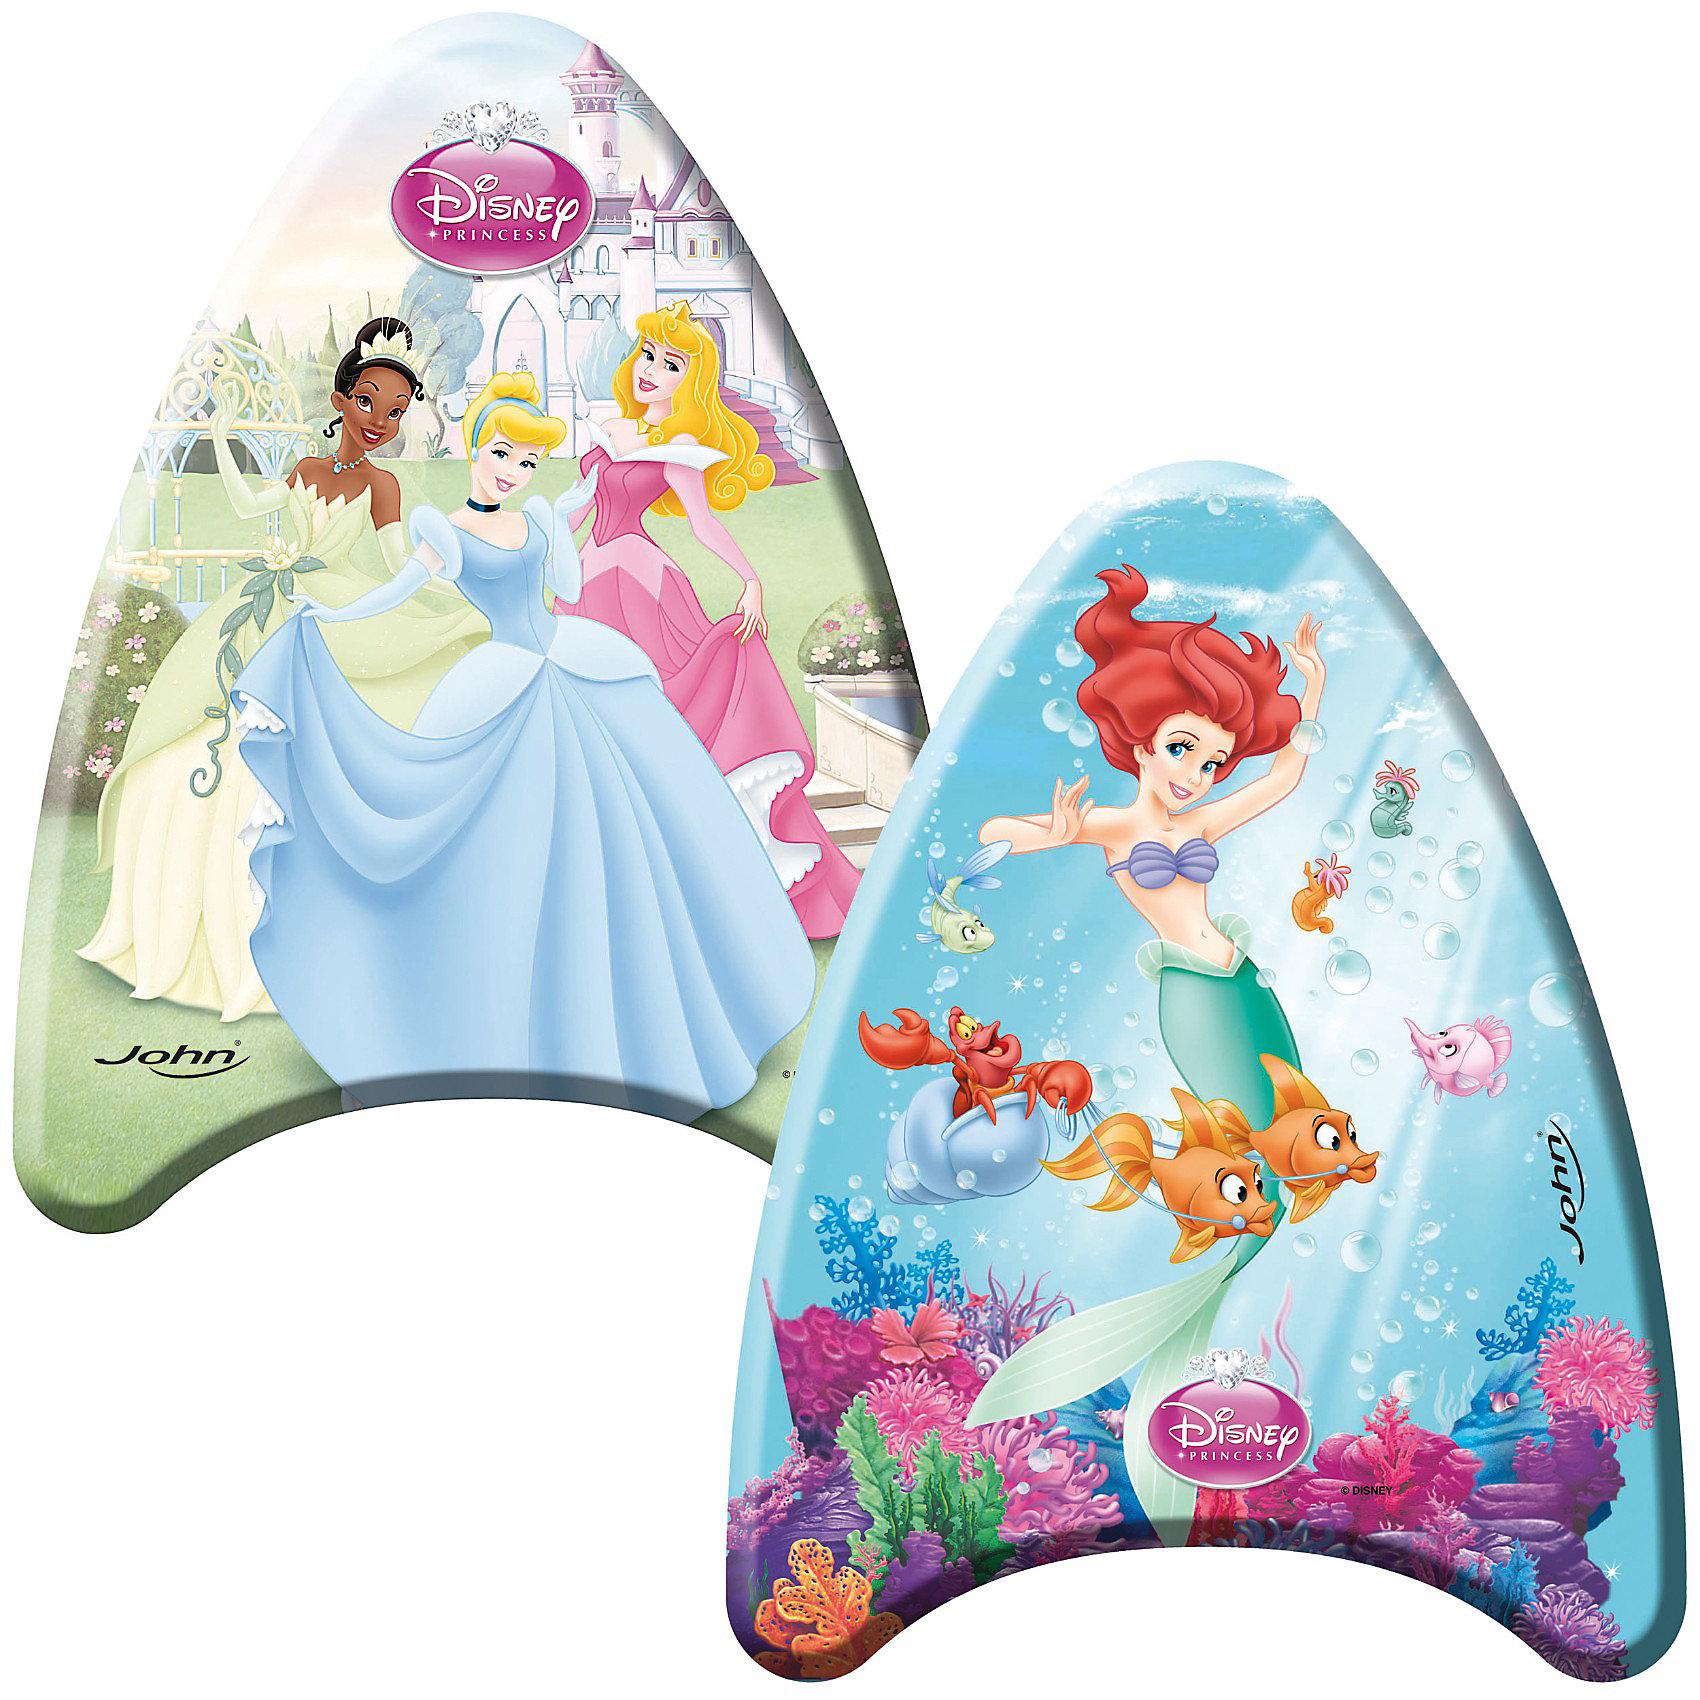 Доска для плавания ПринцессыКруги и нарукавники<br>Доска для плавания с изображением героев мультфильма Disney Princess  прекрасно подойдет для обучения плаванию Вашего ребенка. <br> Доска для плавания имеет яркий дизайн и небольшой вес. Ребенок без труда сможет удерживаться на плоскости, а форма доски не позволит ему опрокинуться. <br>Размер: 43 см.  Состав: полимерные материалы. <br><br> Внимание! <br> Не является спасательным средством! Использовать только под наблюдением опытного инструктора и при непосредственном участии родителей!<br><br>Ширина мм: 432<br>Глубина мм: 322<br>Высота мм: 43<br>Вес г: 78<br>Возраст от месяцев: 36<br>Возраст до месяцев: 96<br>Пол: Женский<br>Возраст: Детский<br>SKU: 1994187